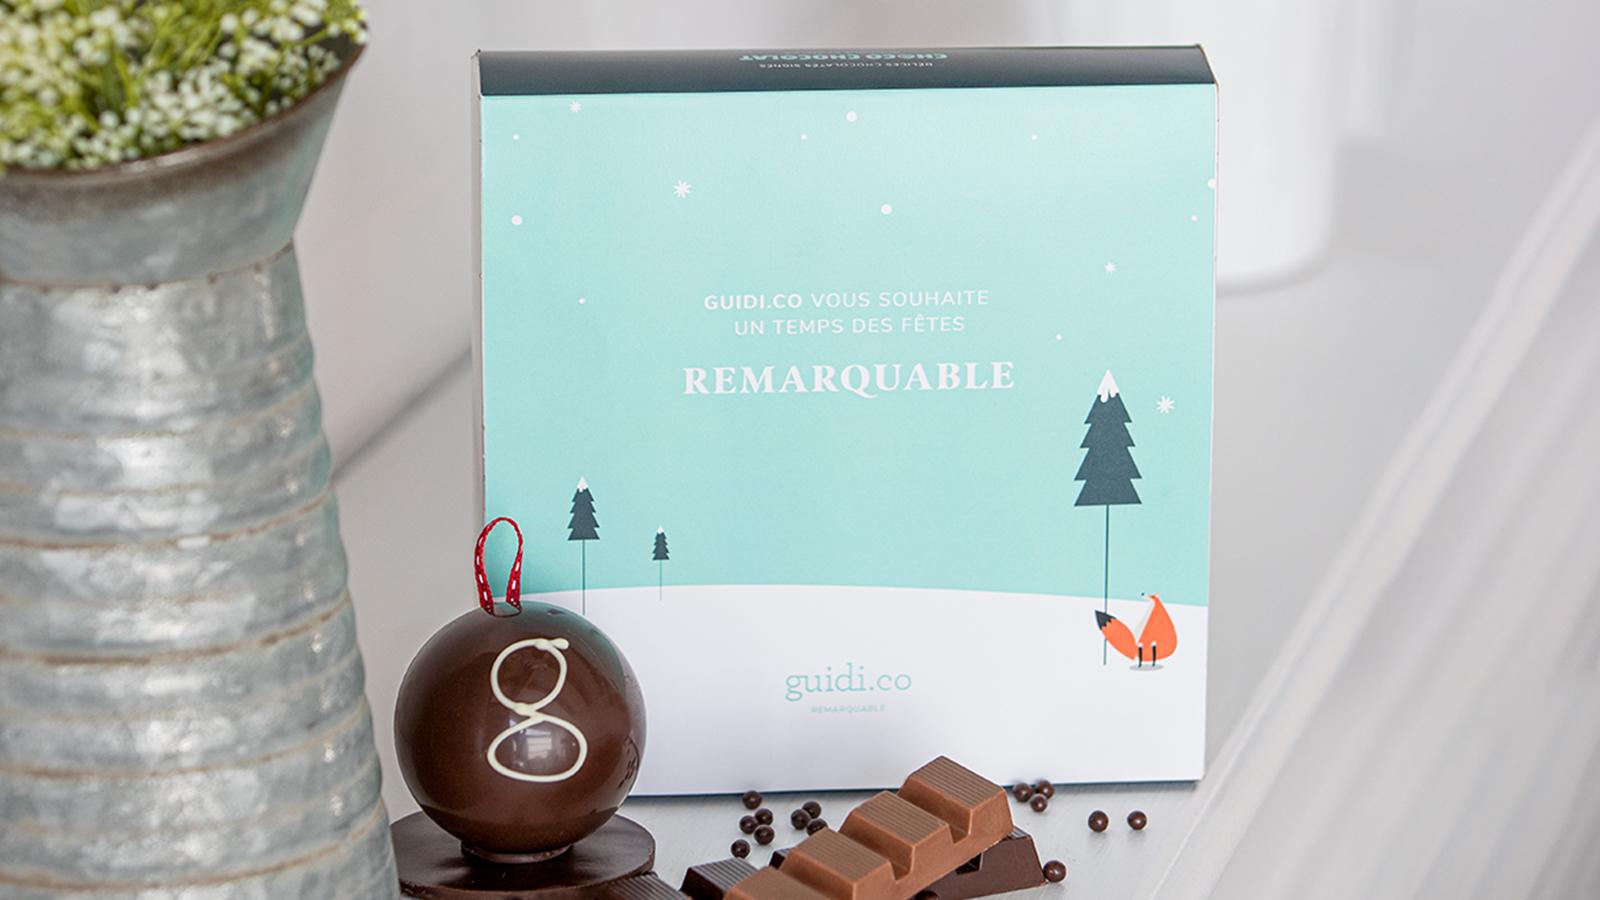 ChocoChocolat_CadeauxCorpo_Banniere1600x900-Guidi